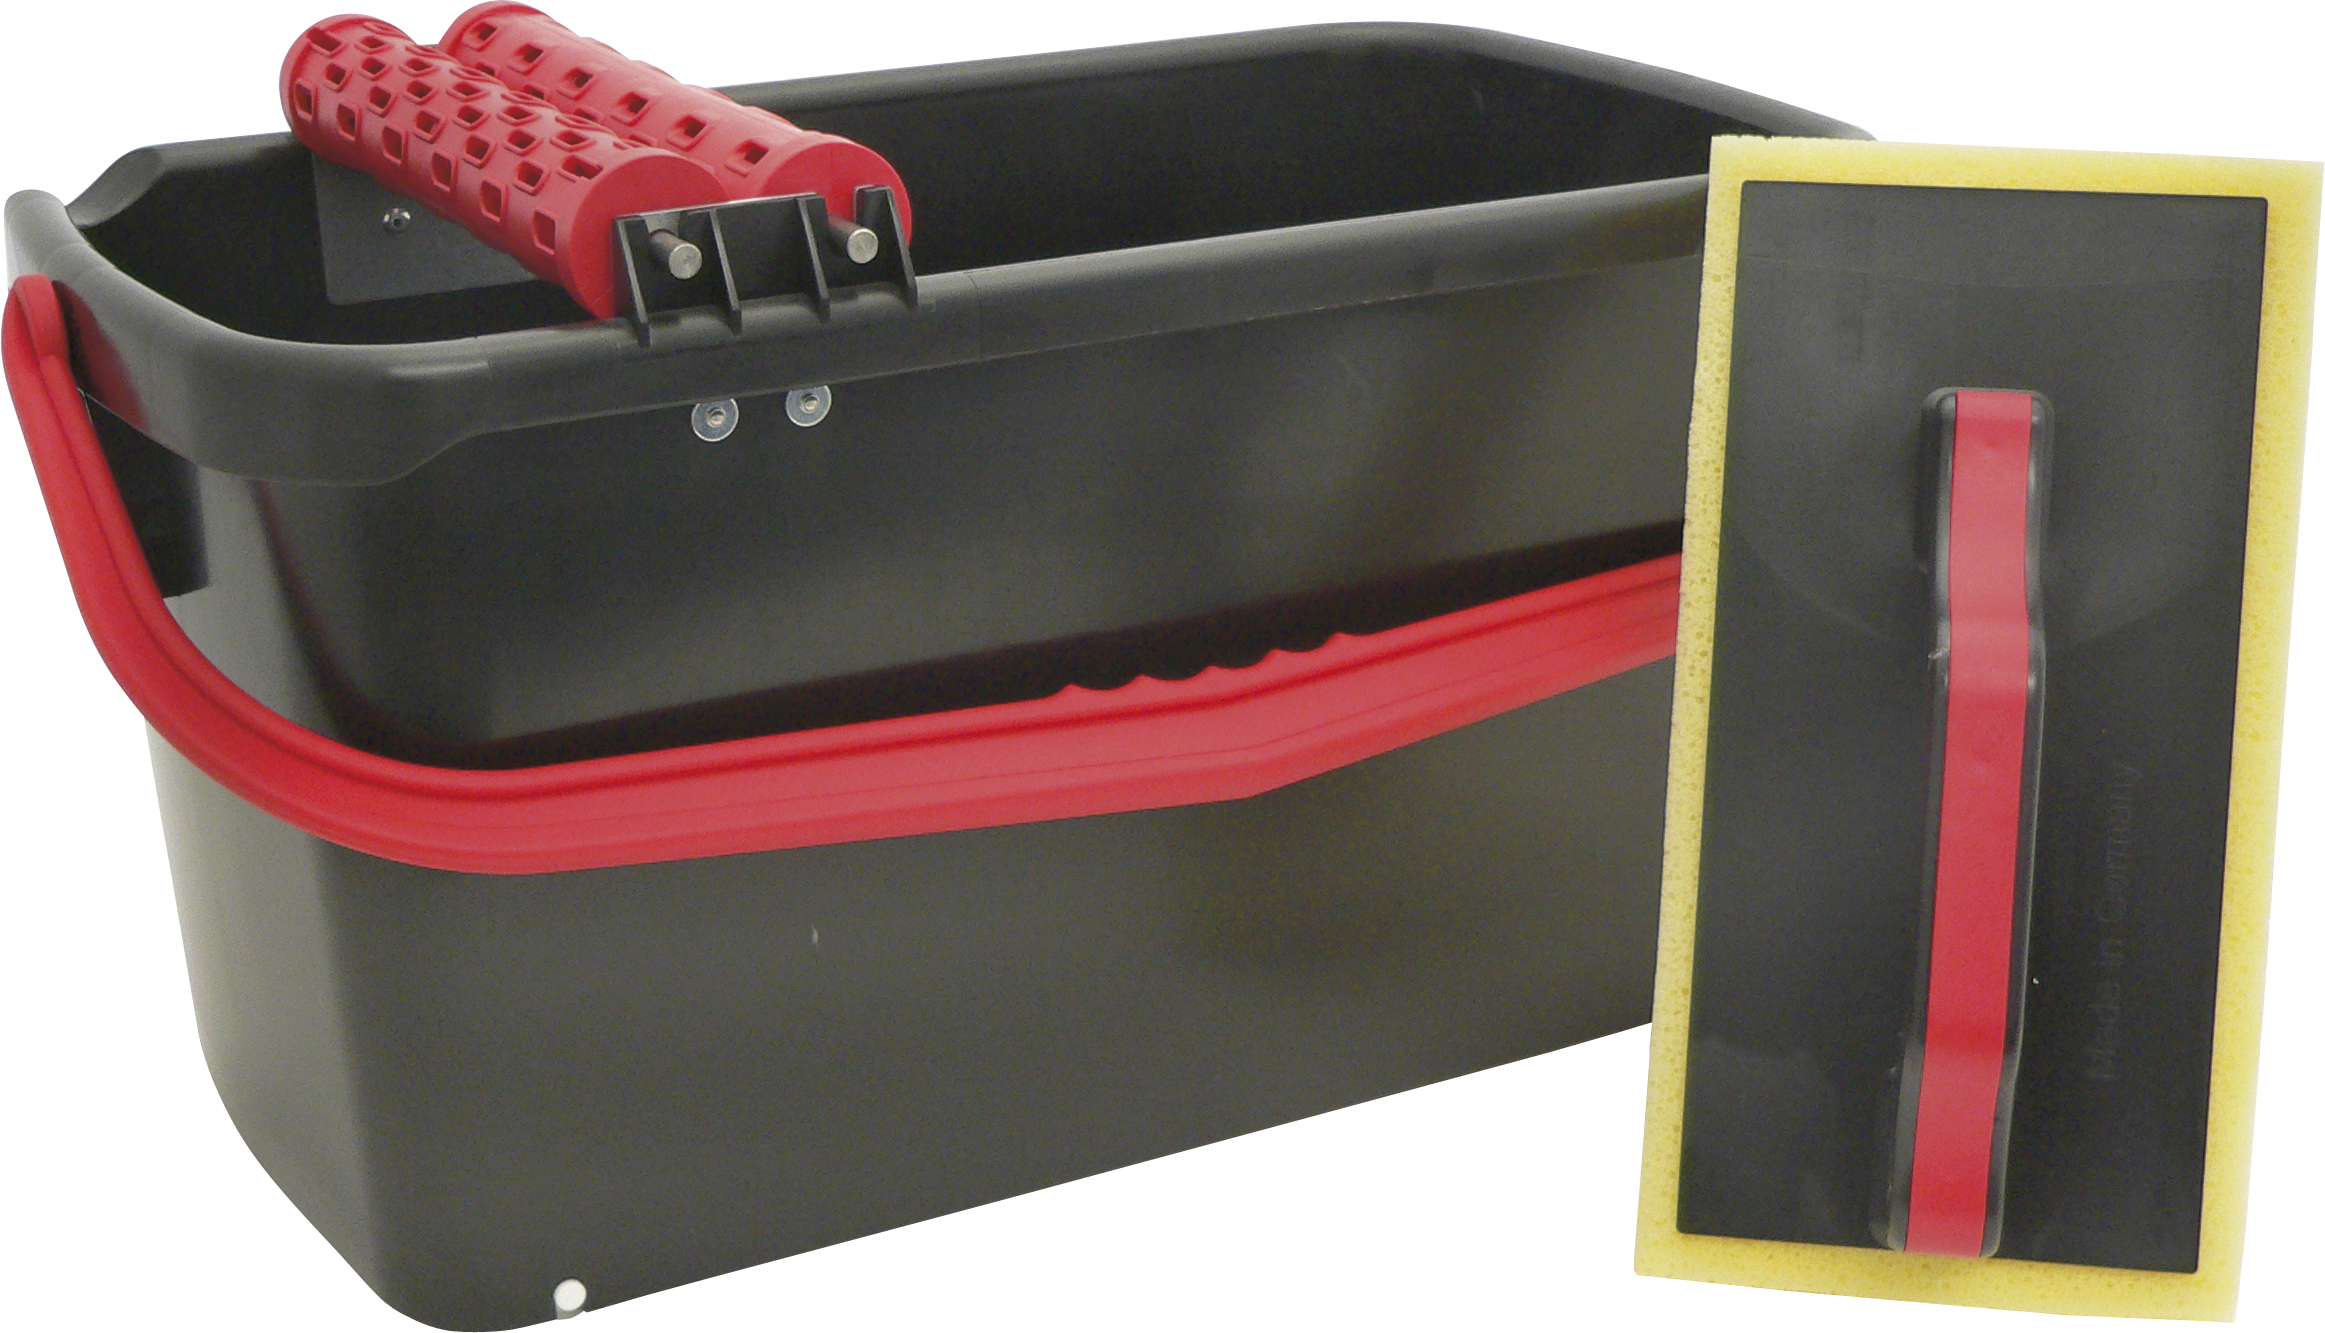 profi fliesenleger waschset von kaul 23l 2 teilig ebay. Black Bedroom Furniture Sets. Home Design Ideas